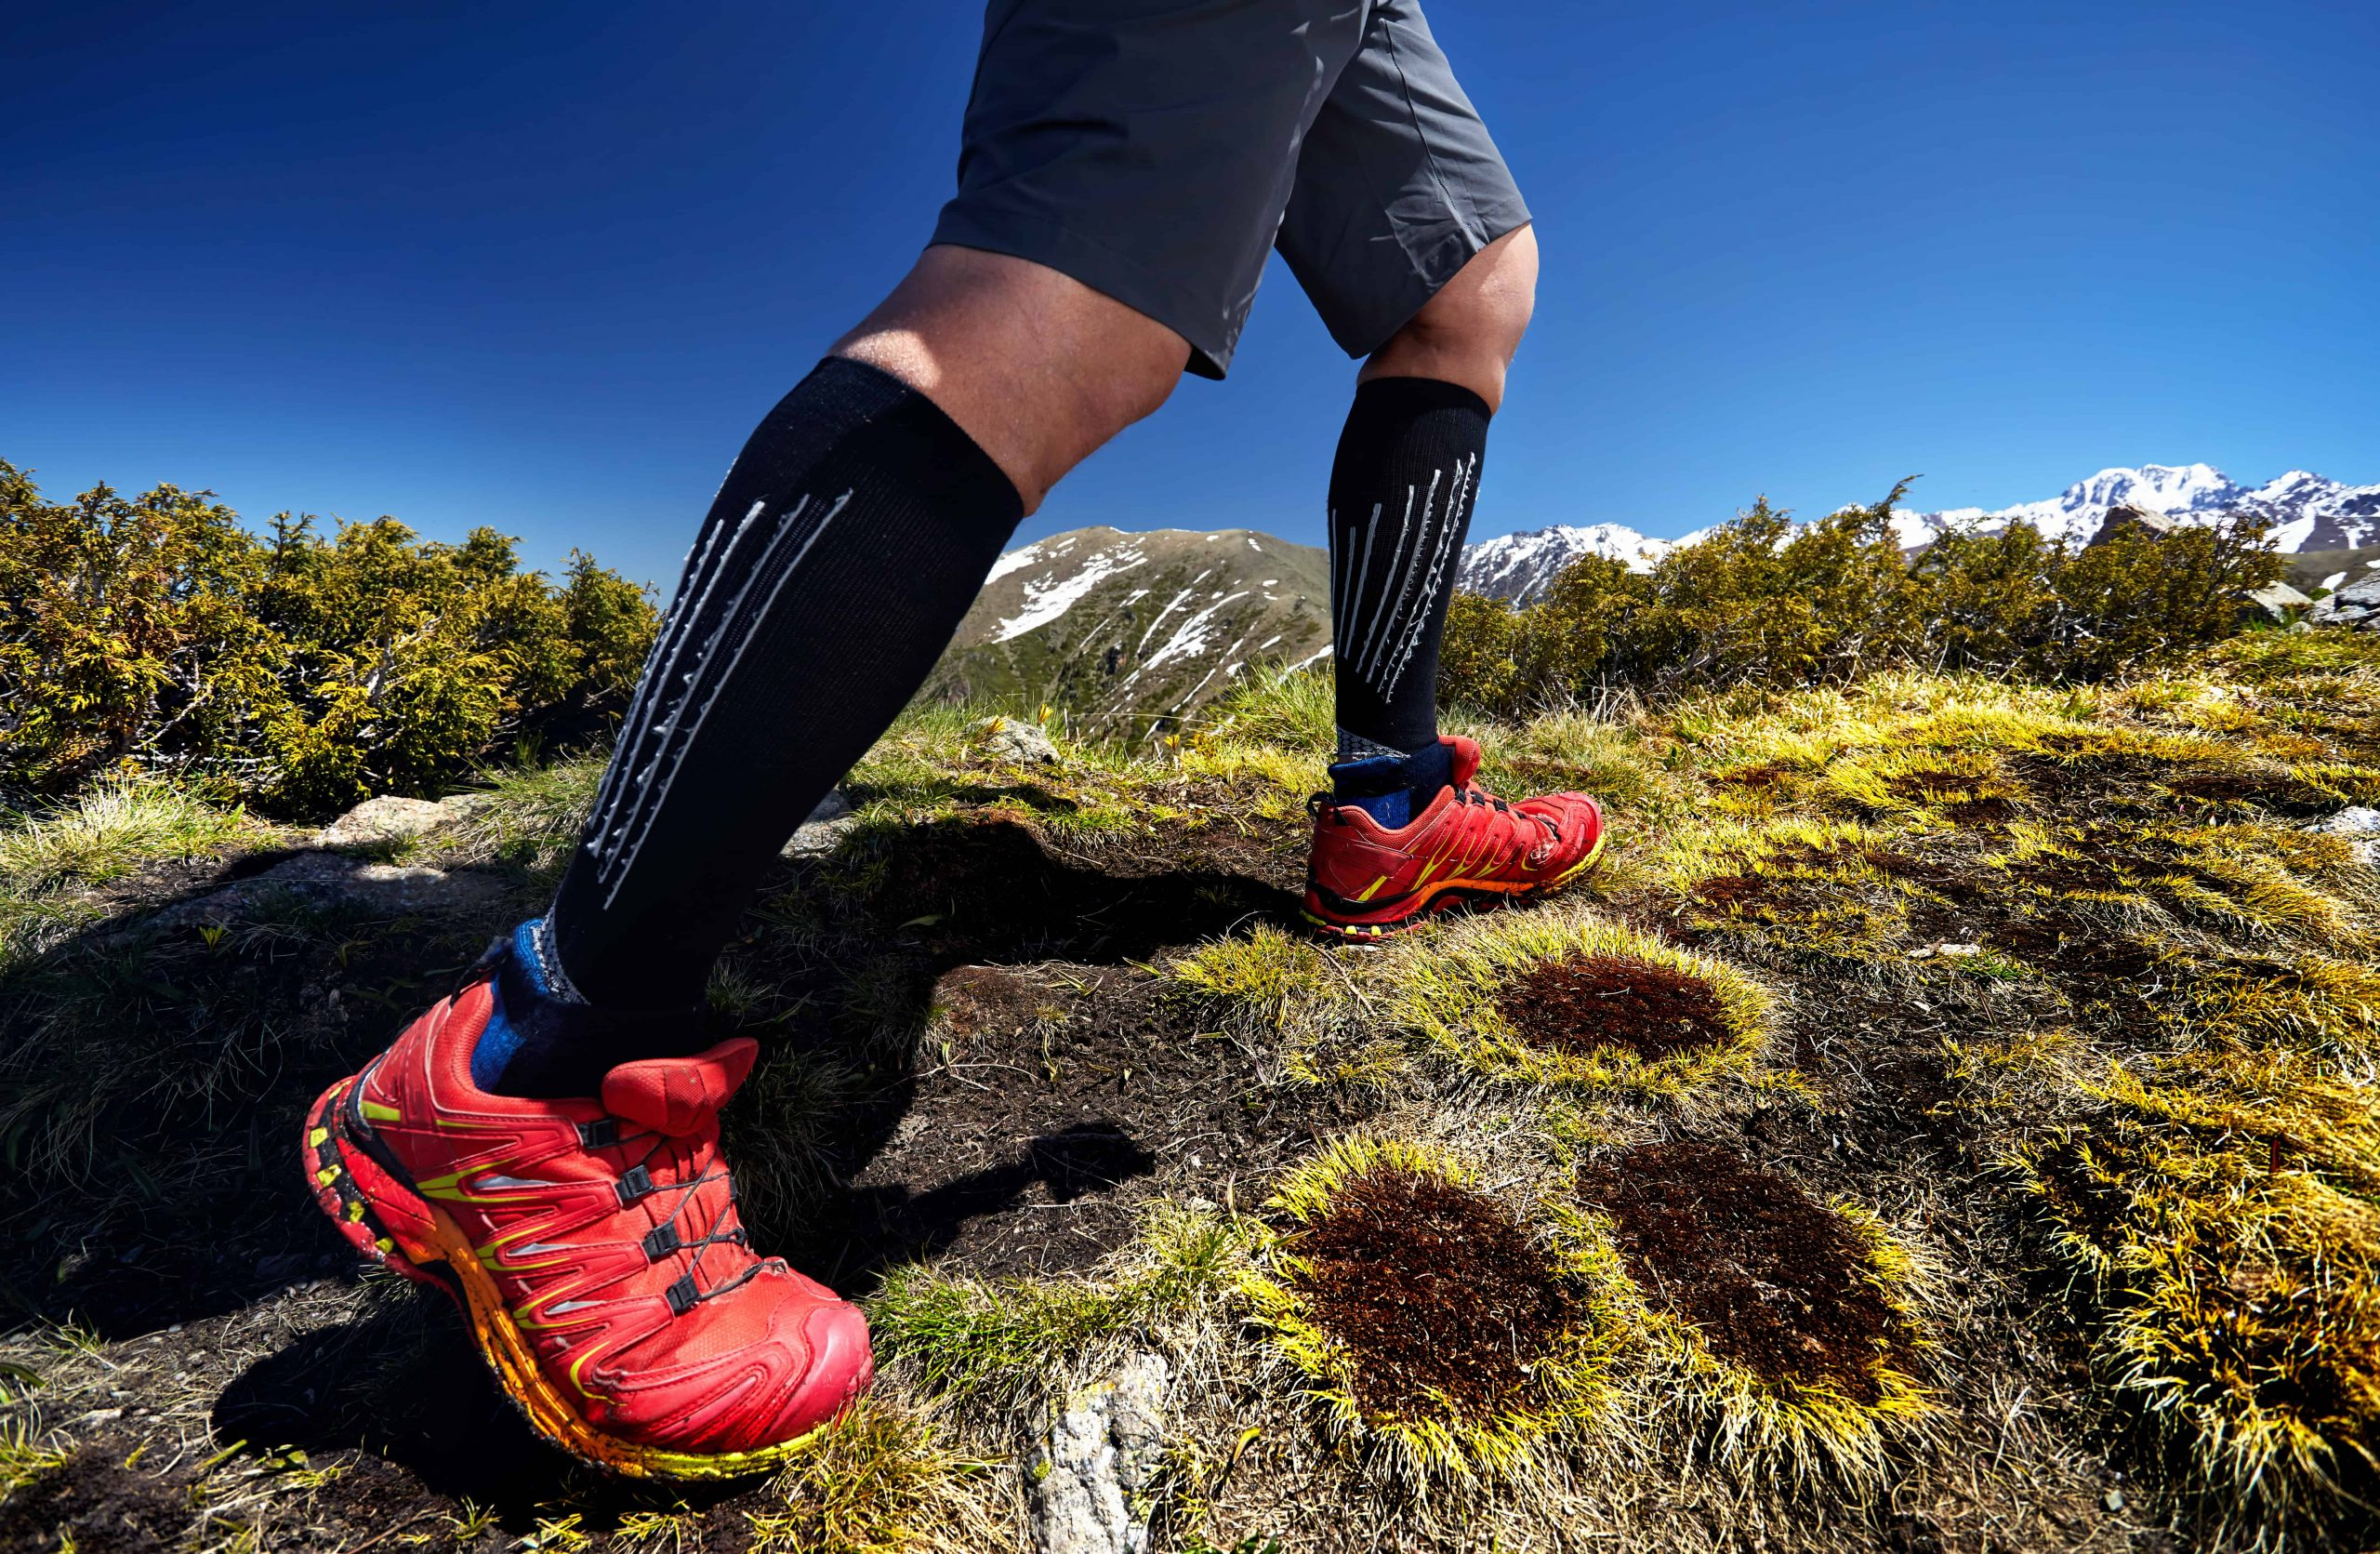 Migliori scarpe Salomon 2021: Guida all'acquisto